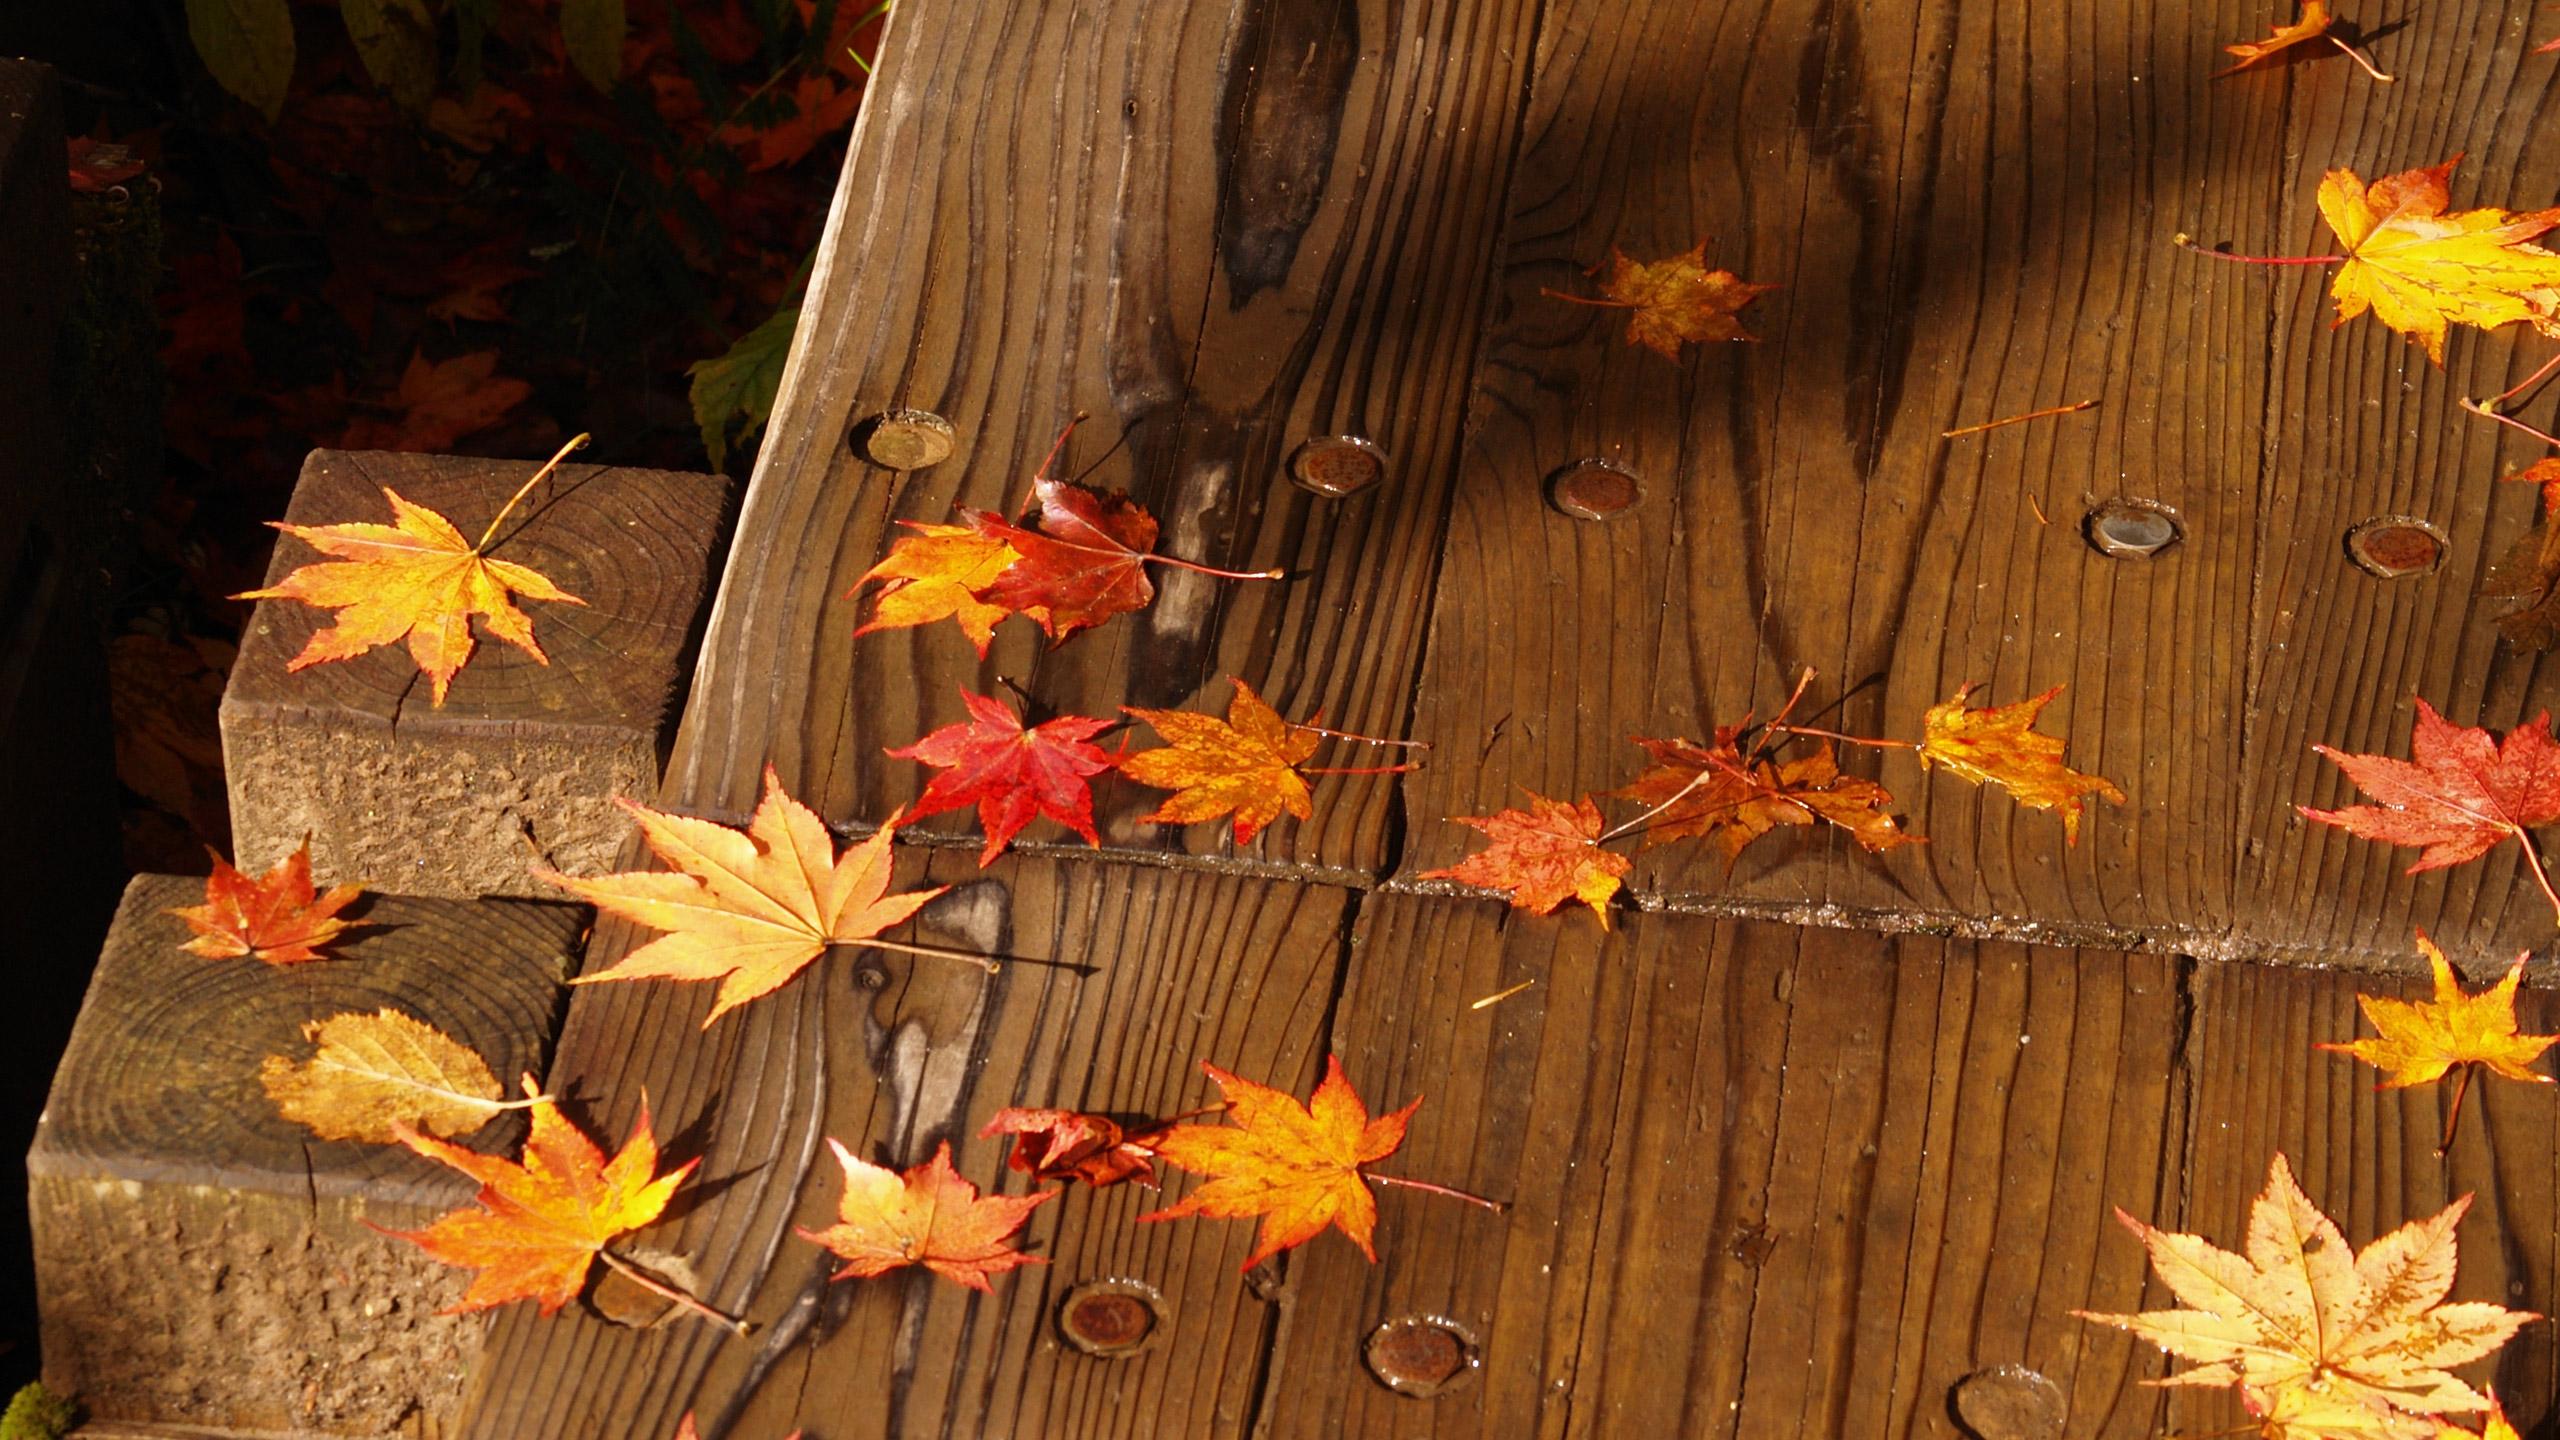 四季 秋の無料壁紙 秋の風景写真 高解像度 高画質